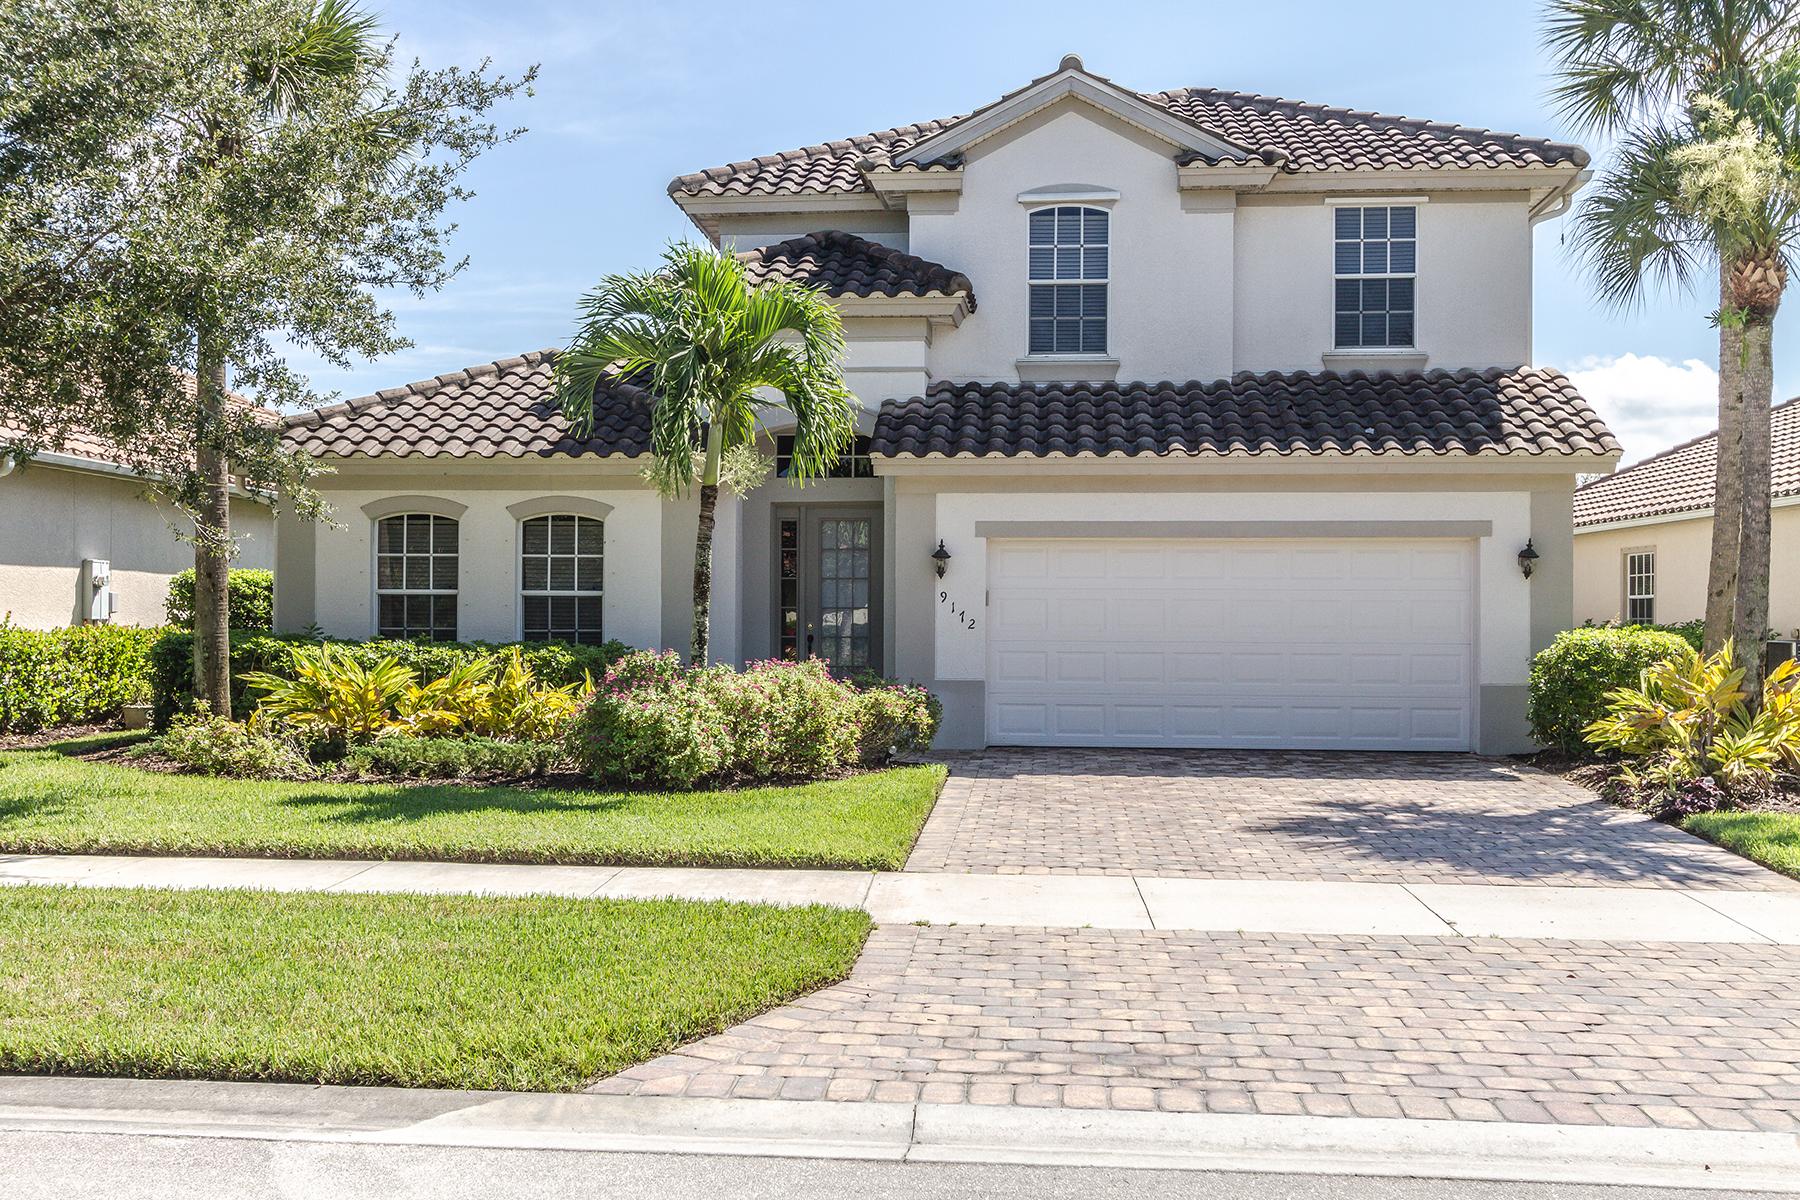 独户住宅 为 销售 在 THE QUARRY - THE SHALLOWS 9172 Quartz Ln 那不勒斯, 佛罗里达州, 34120 美国